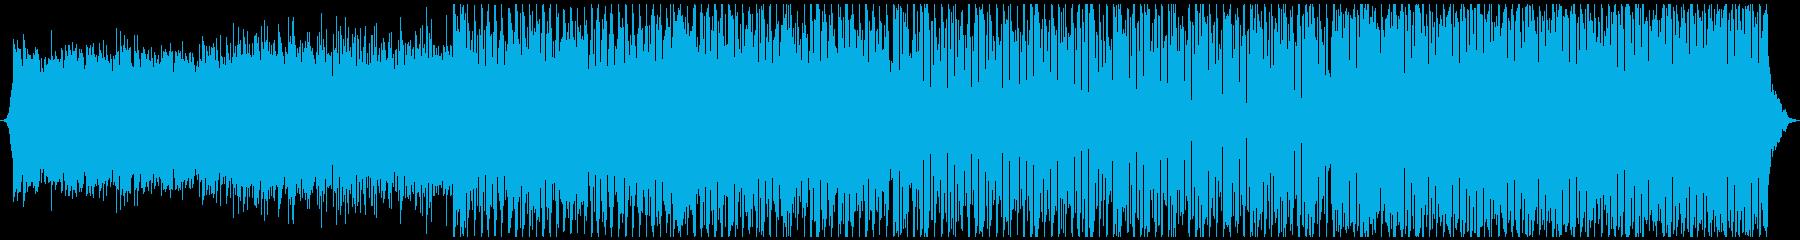 実験的な ほのぼの 幸せ 感情的 ...の再生済みの波形